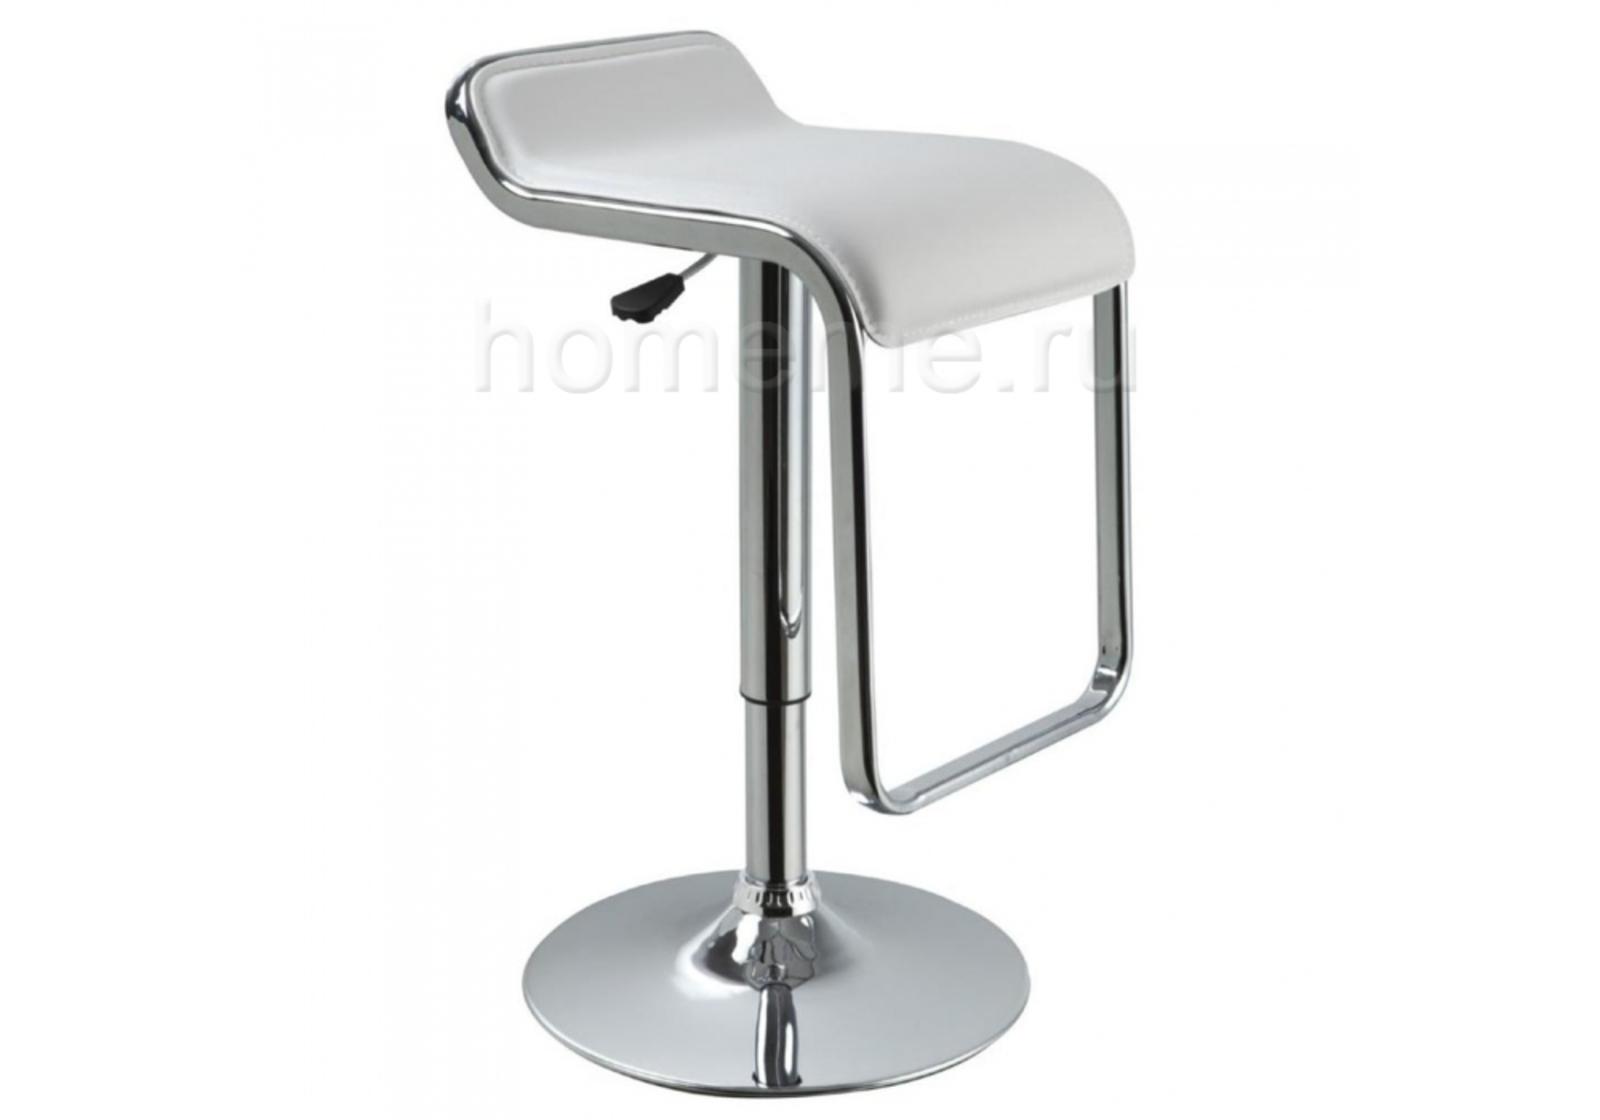 Барный стул Hosu белый 11168 Hosu белый 11168 (15048)